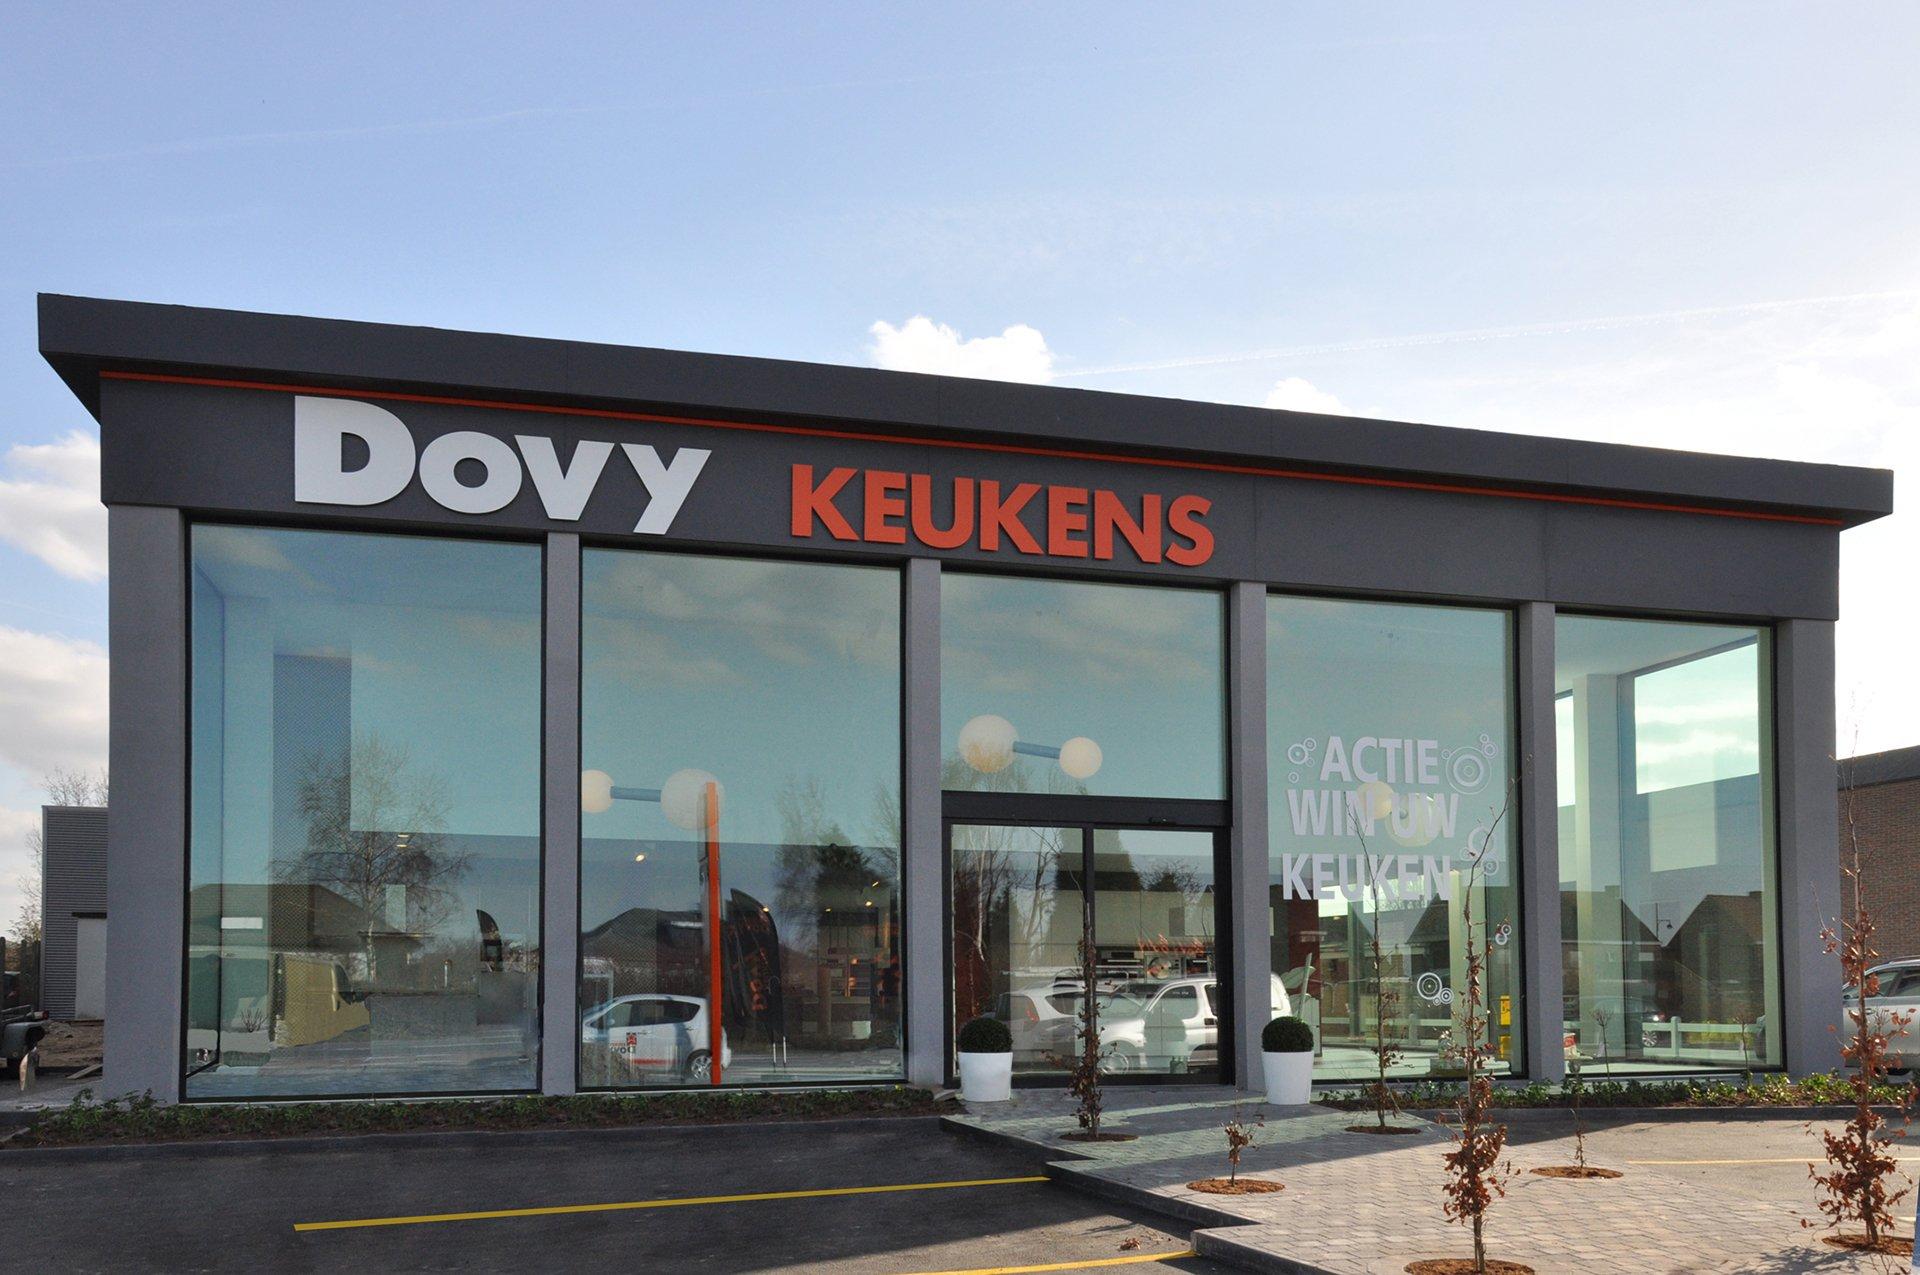 Dovy Keukens Maldegem Toonzaal bezoeken Dovy keukens